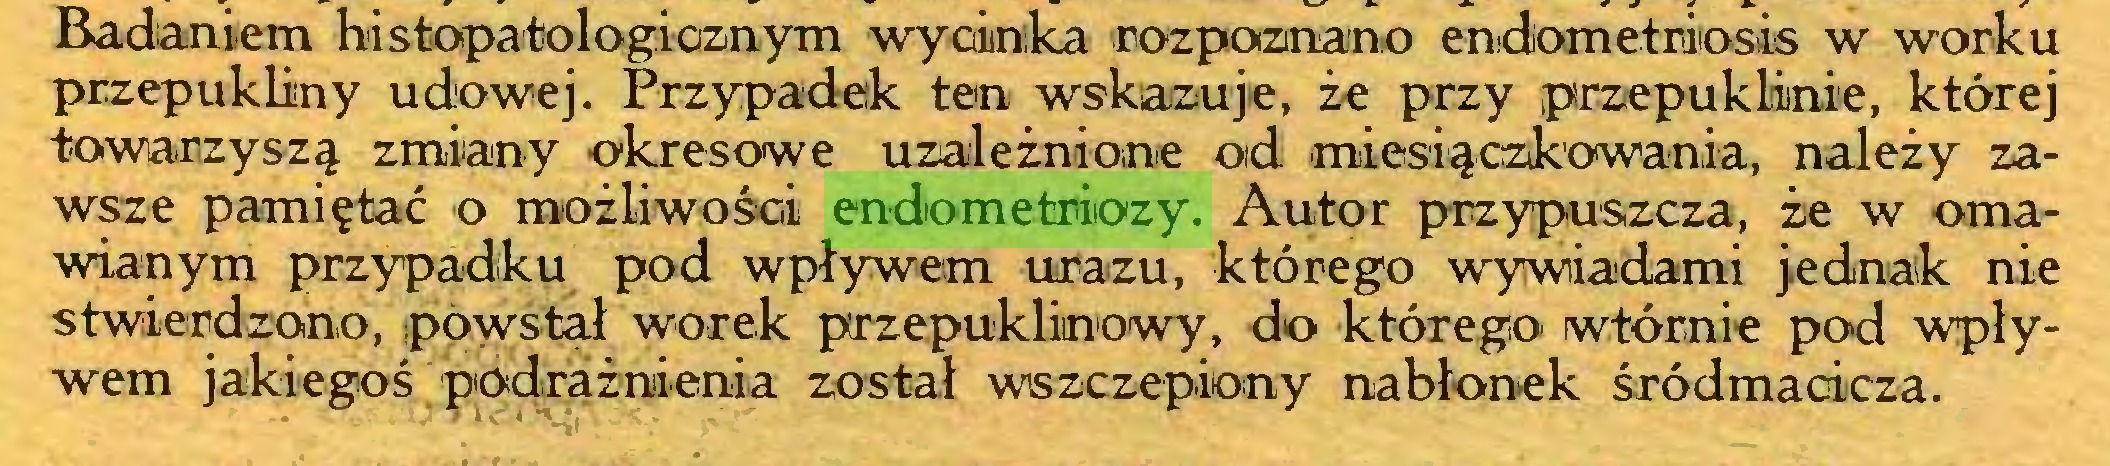 (...) Badaniem histopatologicznym wycinka rozpoznano endometriiosis w worku przepukliny udowej. Przypadek ten wskazuje, że przy przepuklinie, której towarzyszą zmiany okresowe uzależnione od miesiączkowania, należy zawsze pamiętać o możliwości endometriozy. Autor przypuszcza, że w omawianym przypadku pod wpływem urazu, którego wywiadami jednak nie stwierdzono, powstał worek przepuklinowy, do którego wtórnie pod wpływem jakiegoś podrażnienia został wszczepiony nabłonek śródmacicza...